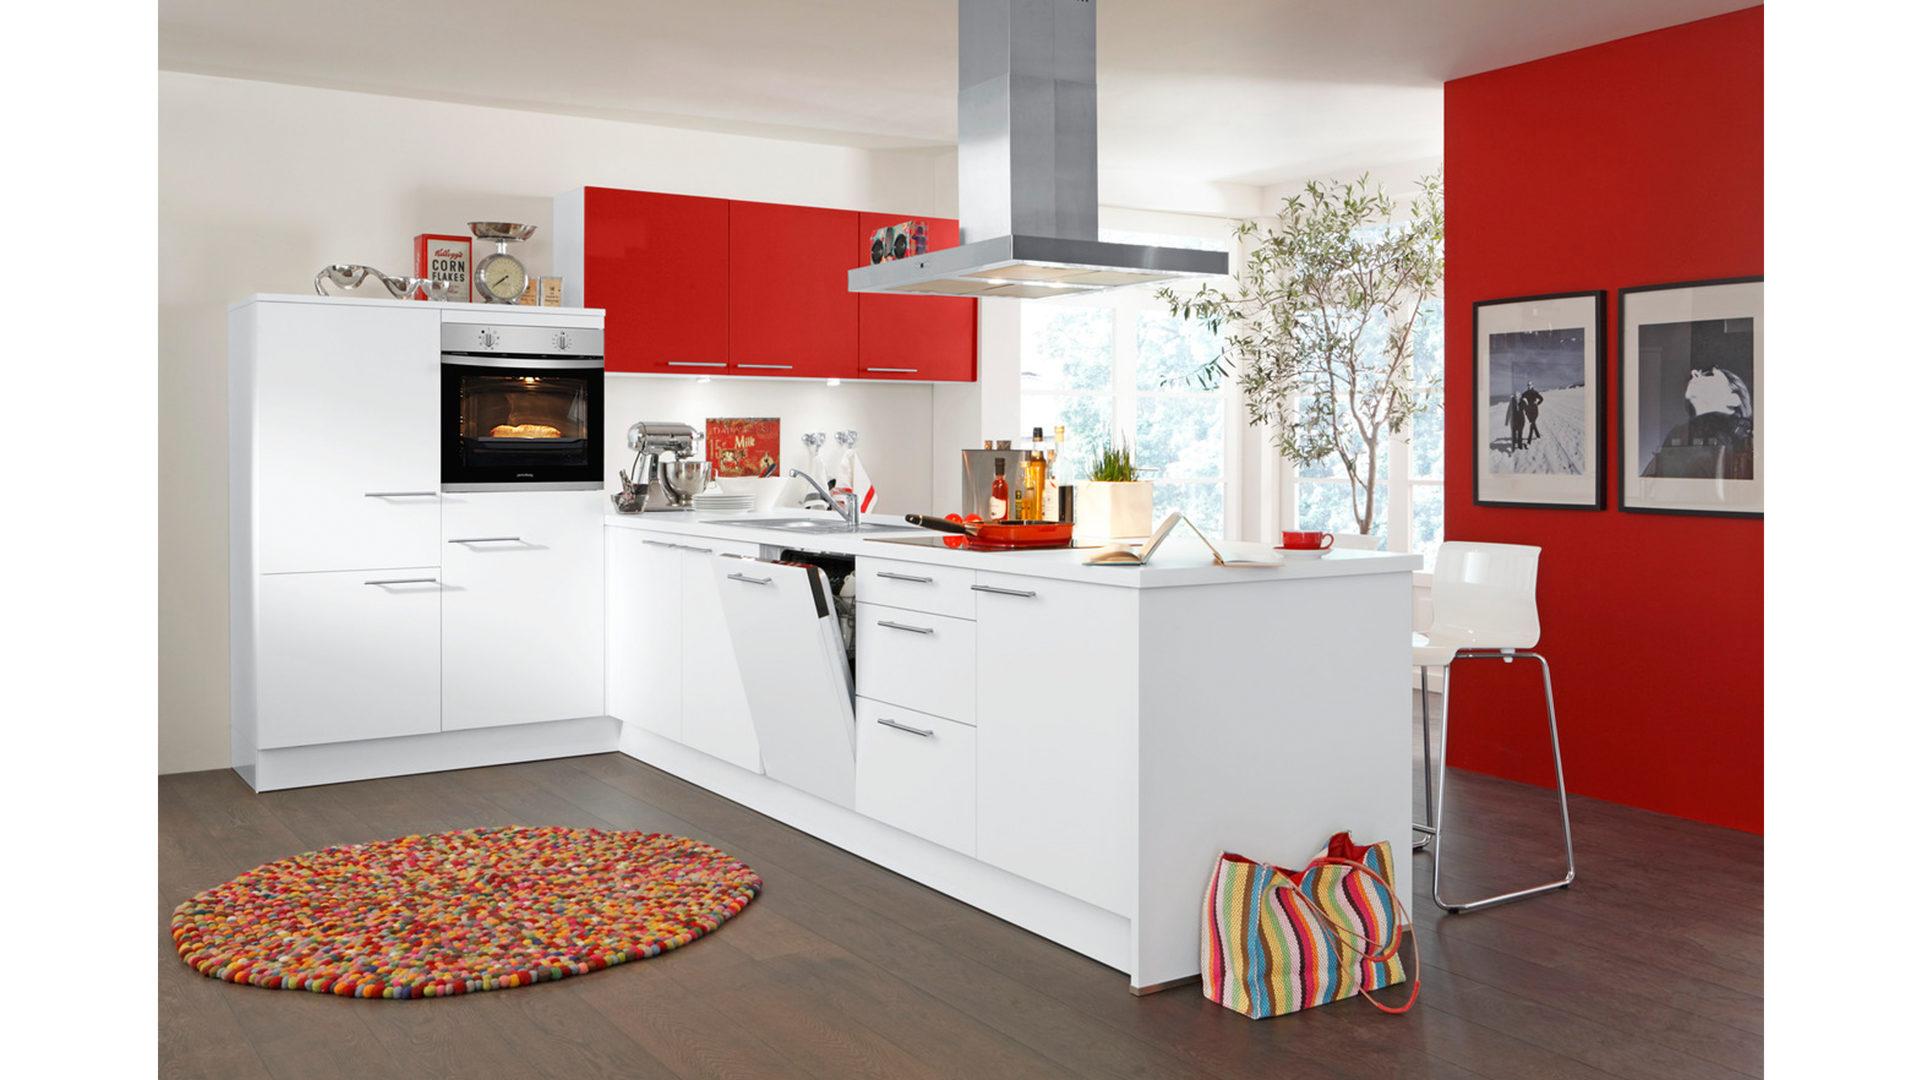 Kühlschrank Privileg : Einbauküche mit privileg elektrogeräten wie kühlschrank